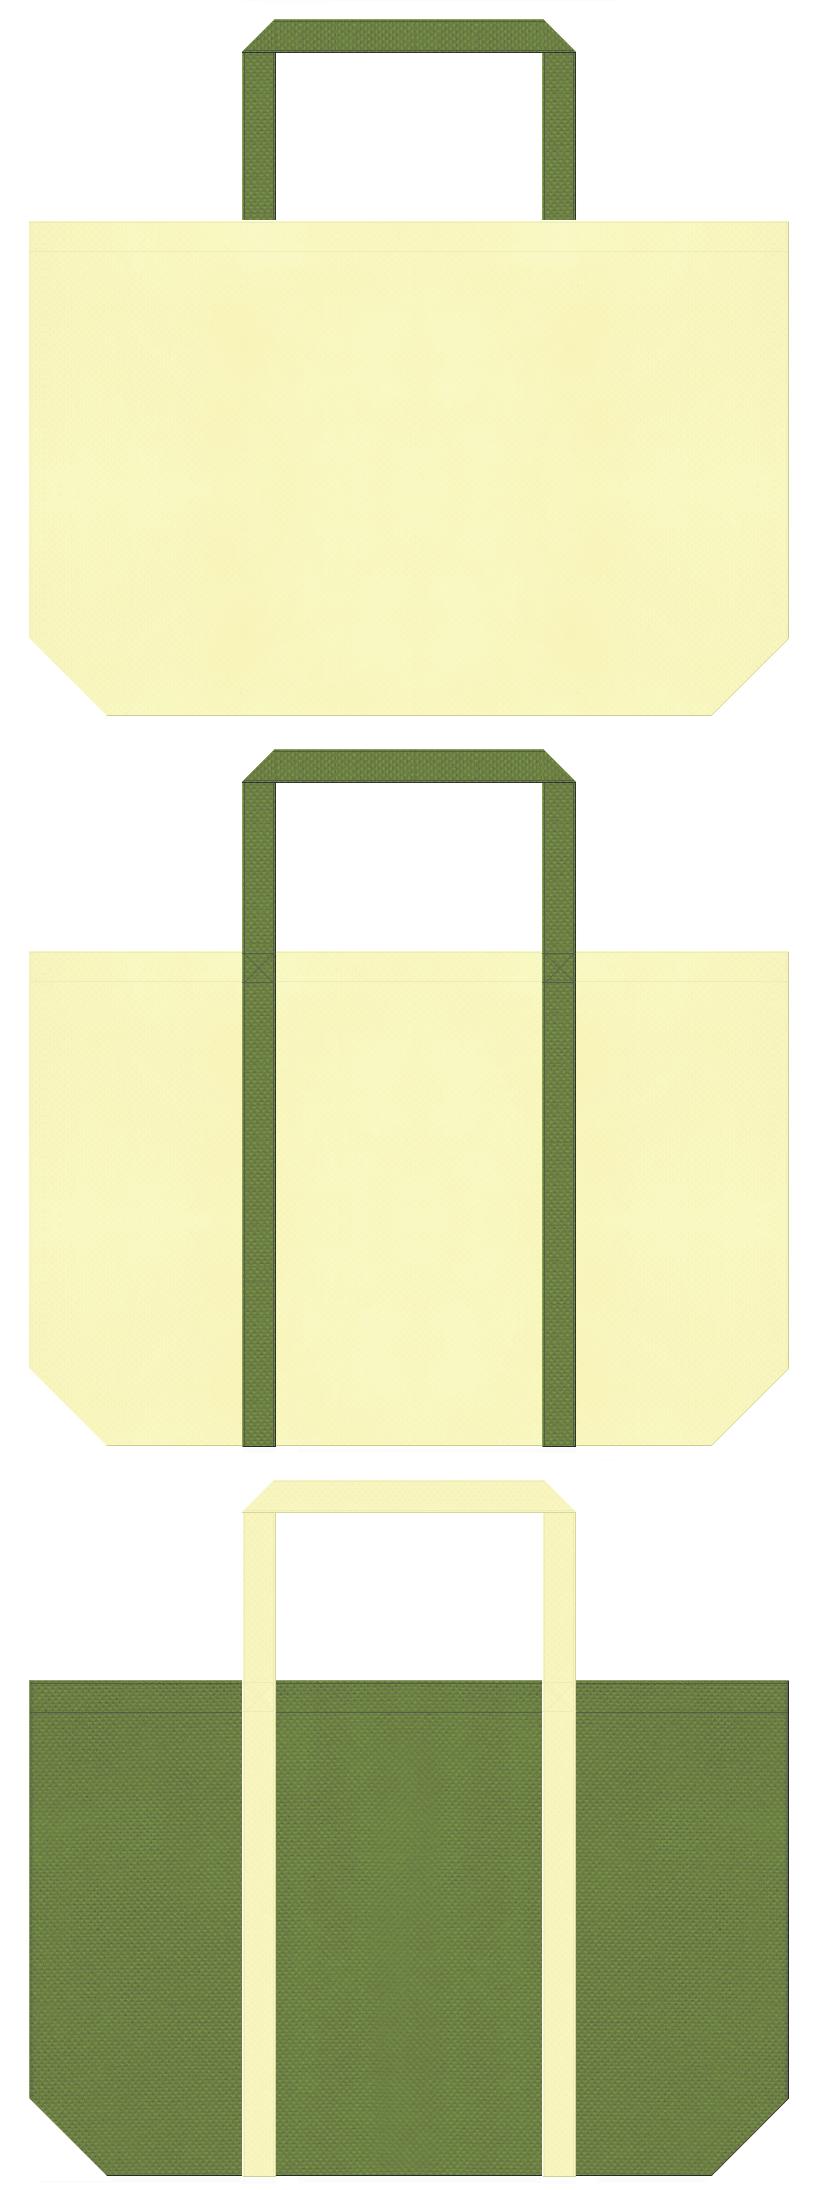 薄黄色と草色の不織布マイバッグデザイン。和菓子・和雑貨ののショッピングバッグにお奨めです。